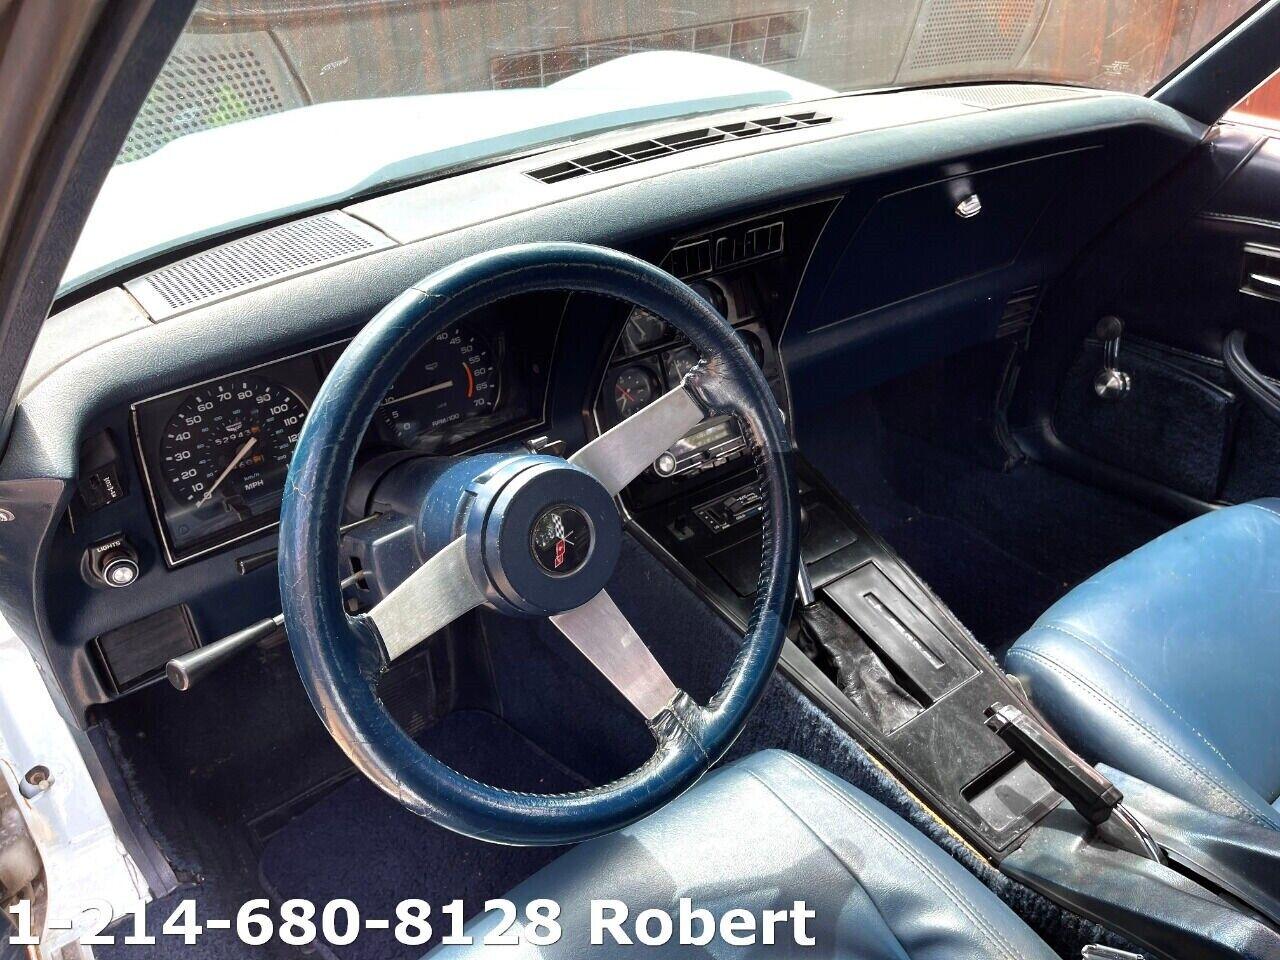 1979 White Chevrolet Corvette     C3 Corvette Photo 9